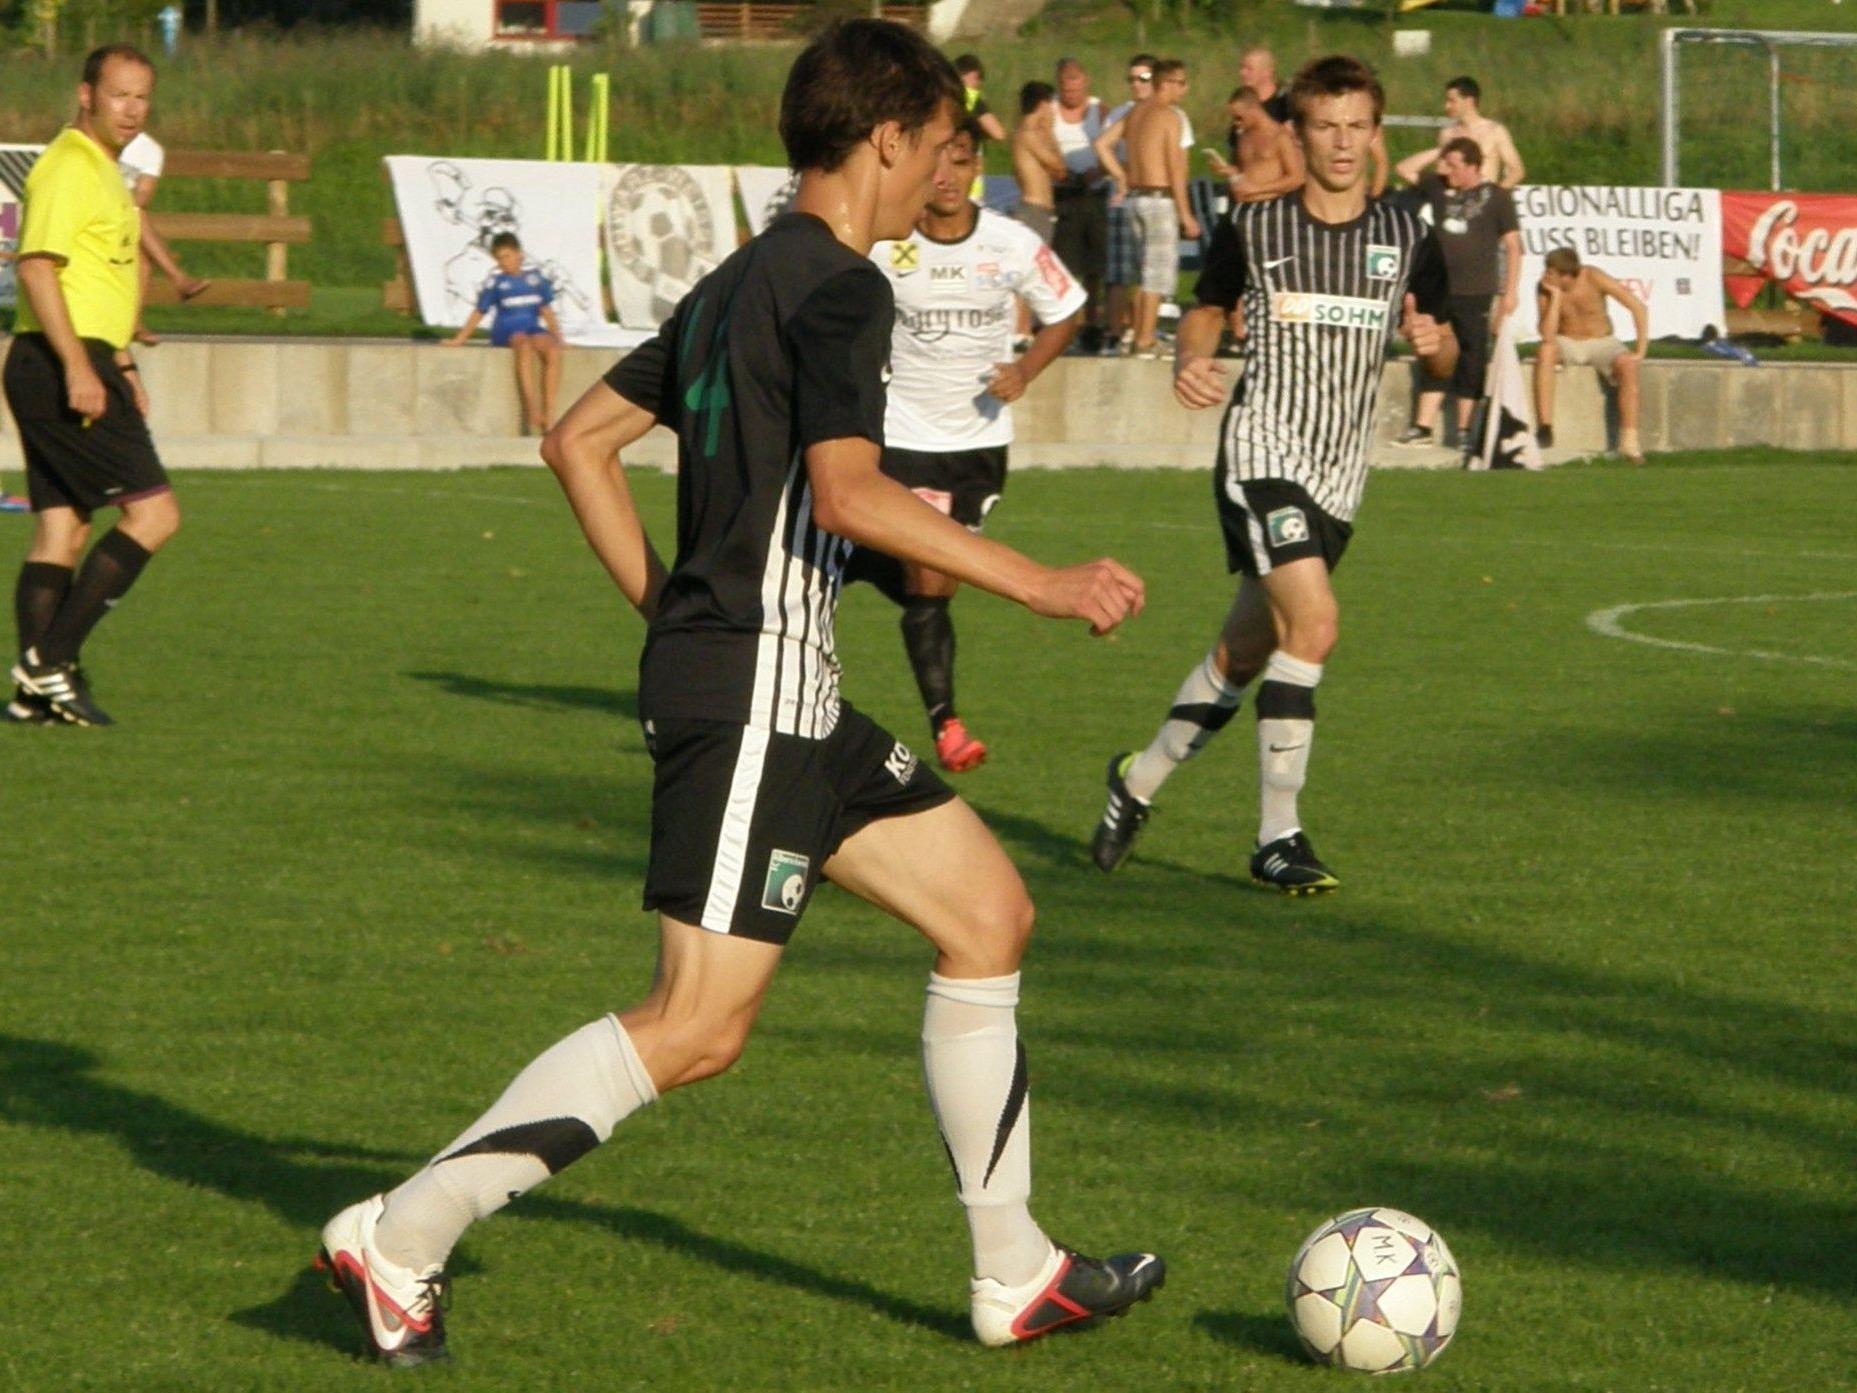 Die Alberschwender Kicker möchten auch gegen Bizau ihre Heimstärke ausspielen.